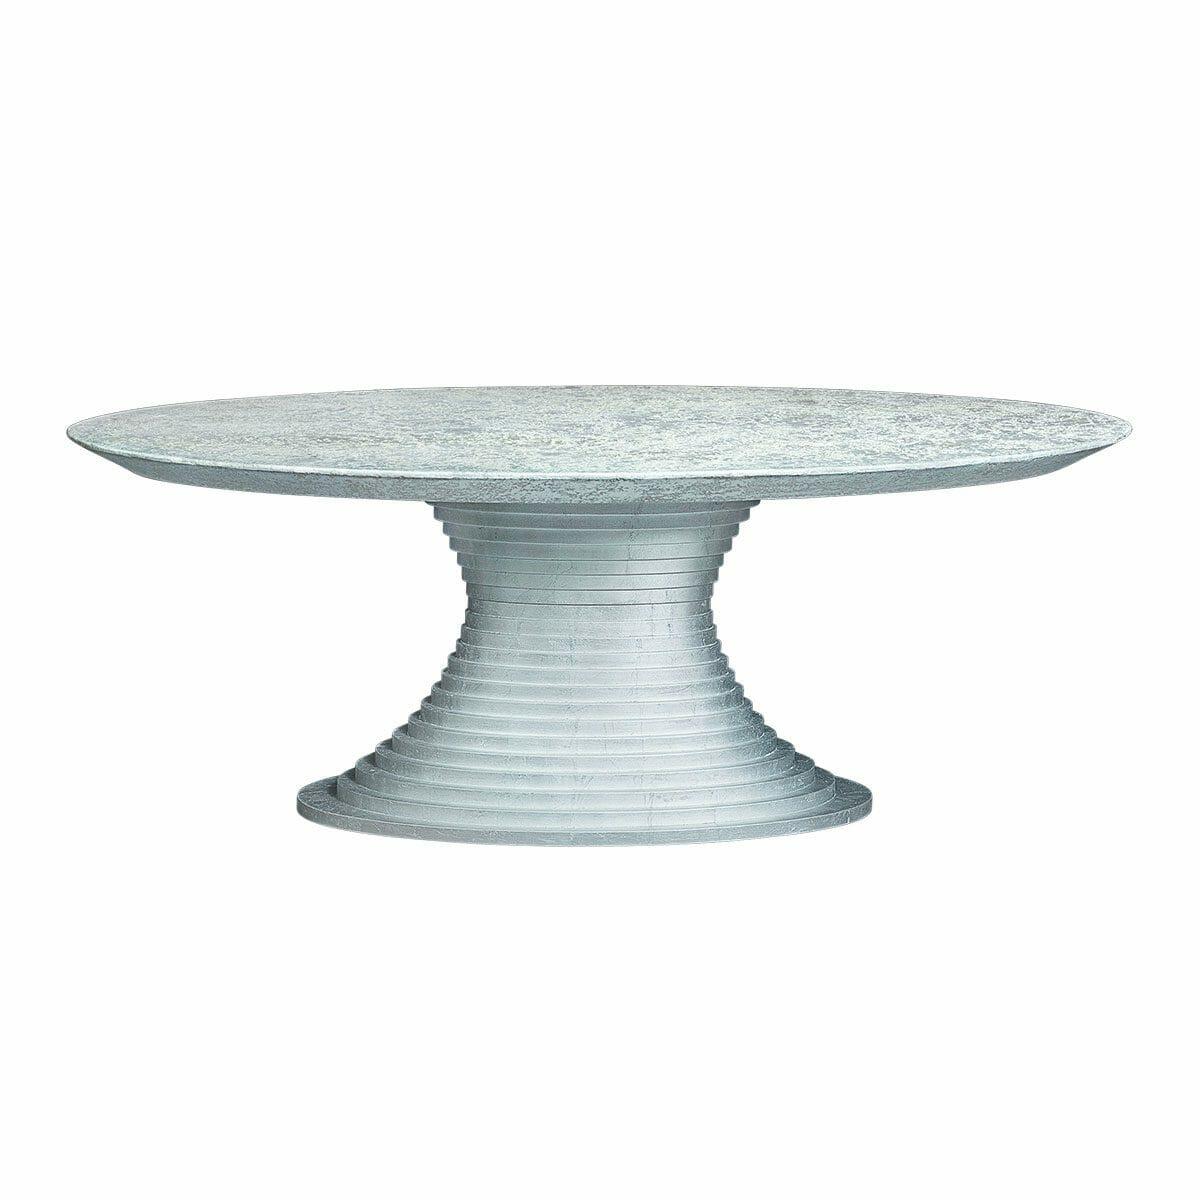 Bretz Tisch NOFRETETE N131 silber / beton meliert